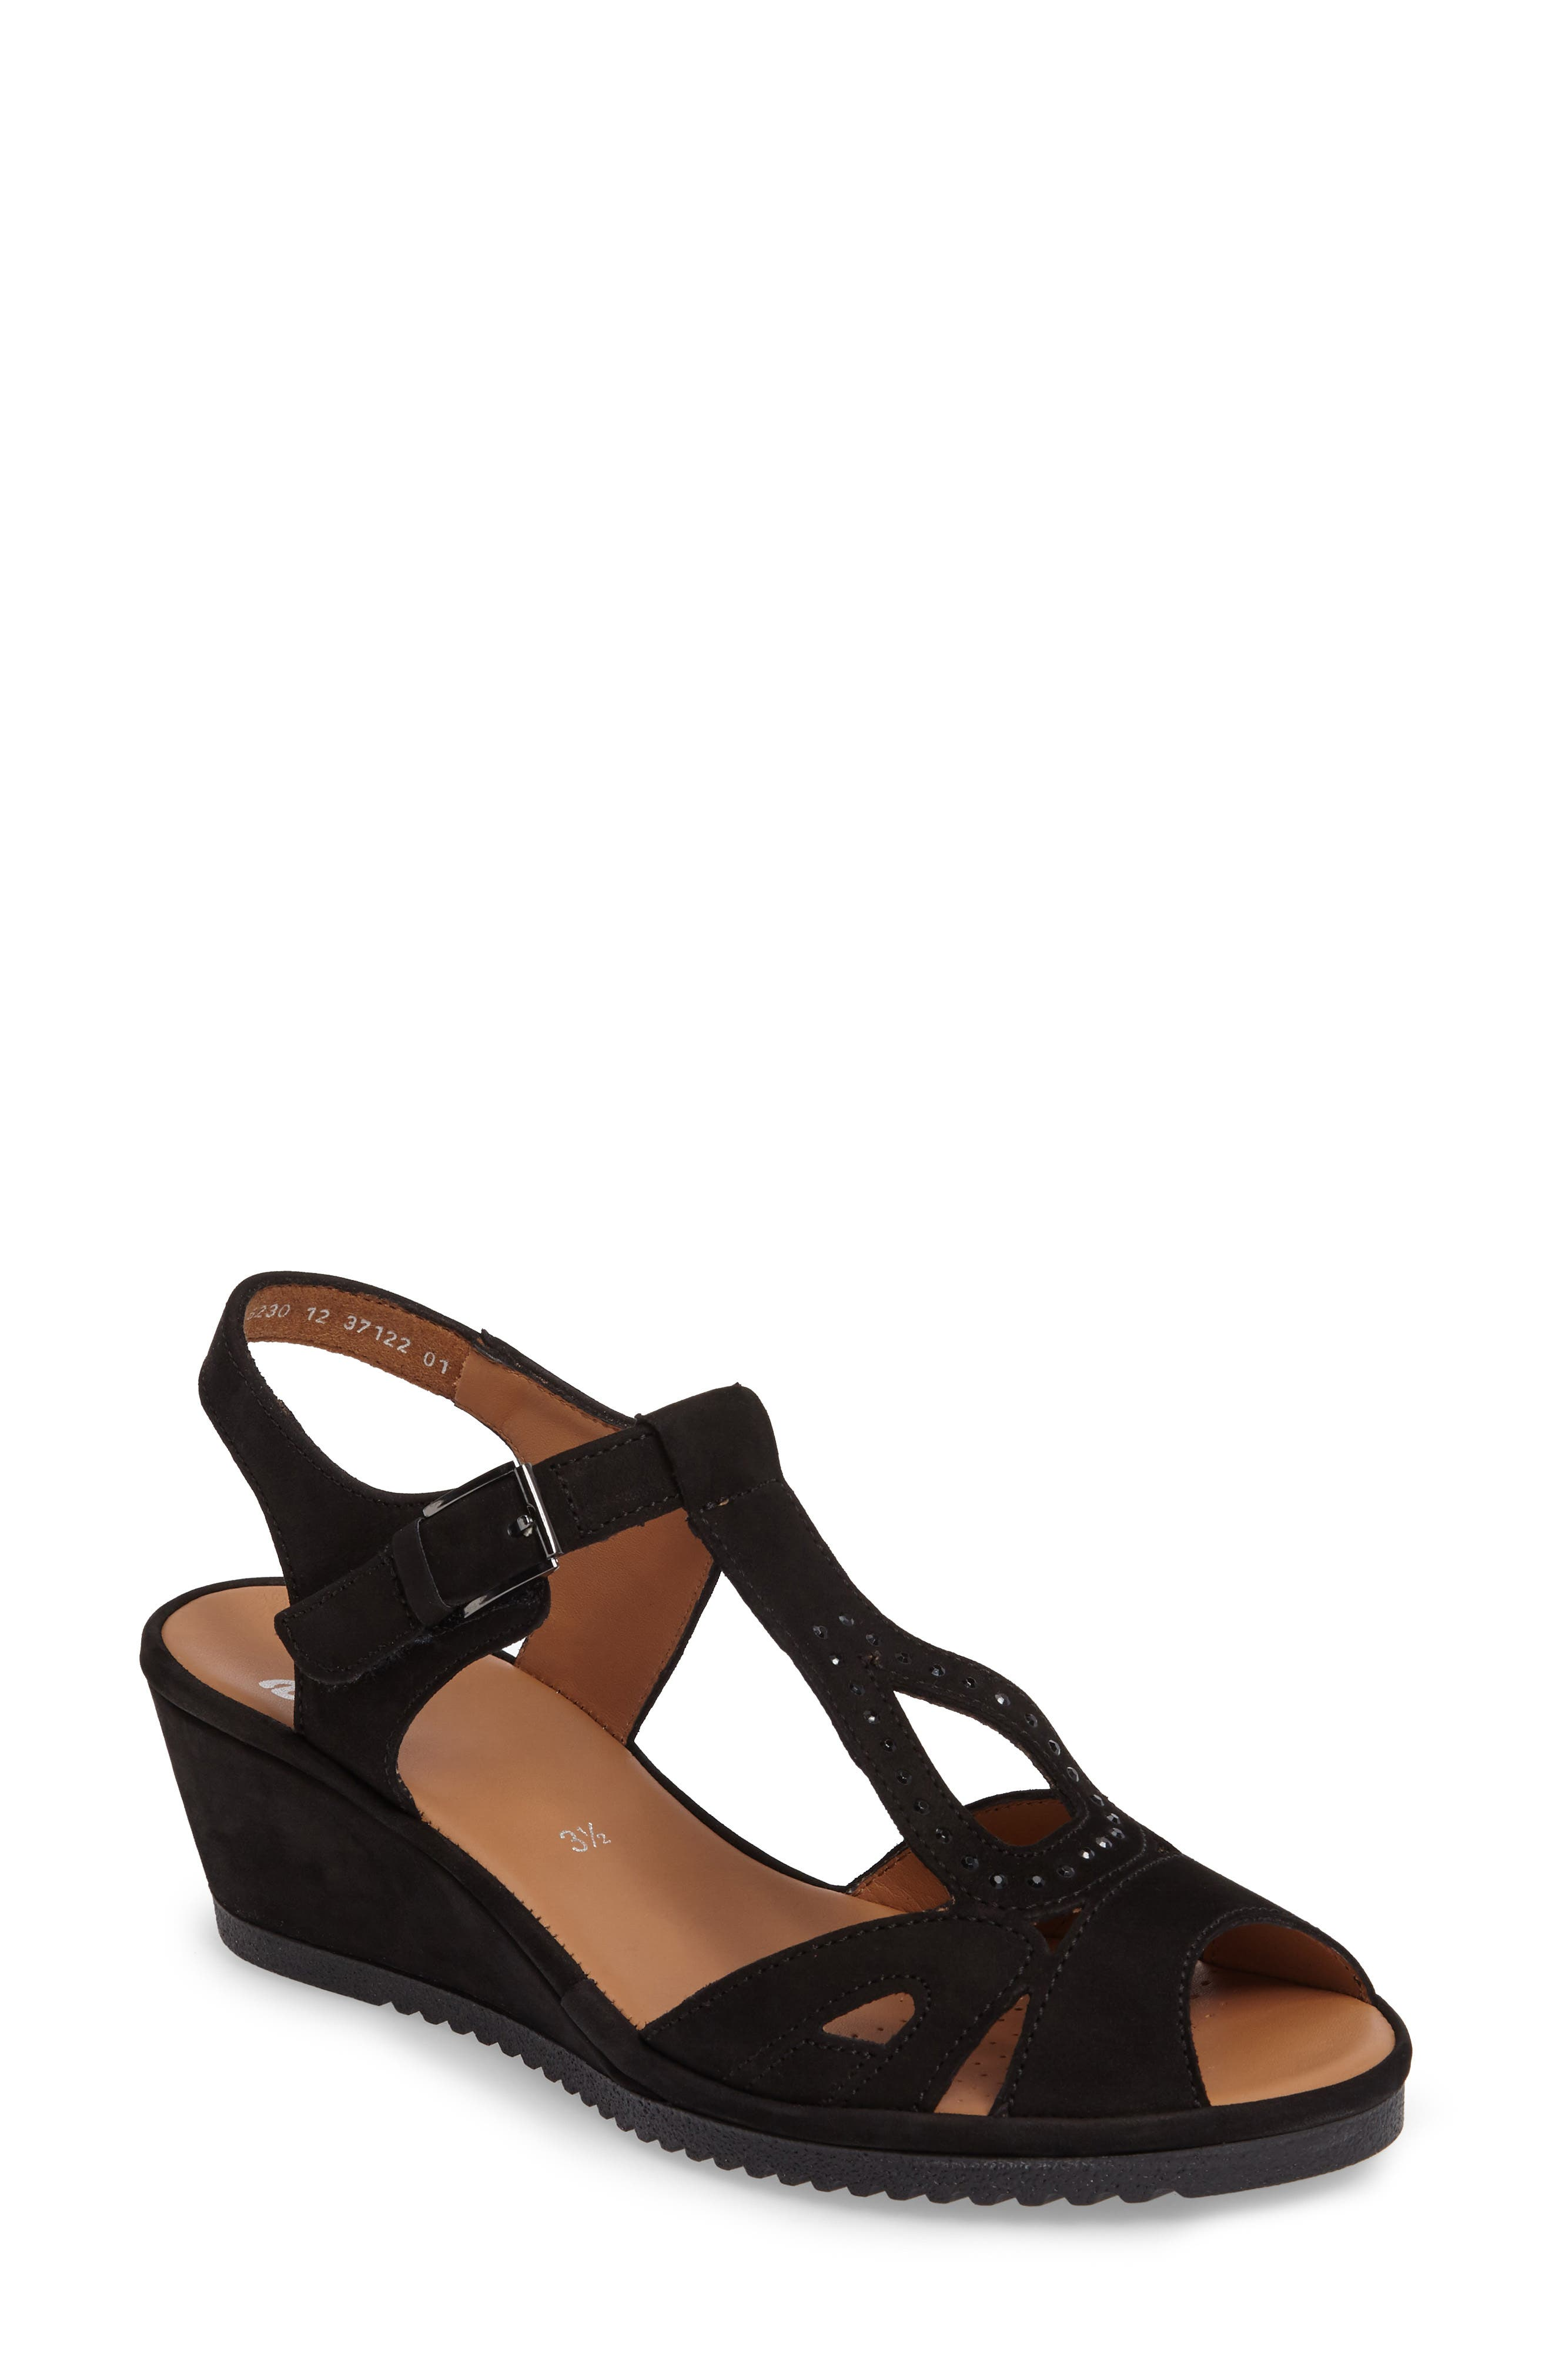 ARA Wedge Sandal, Main, color, BLACK